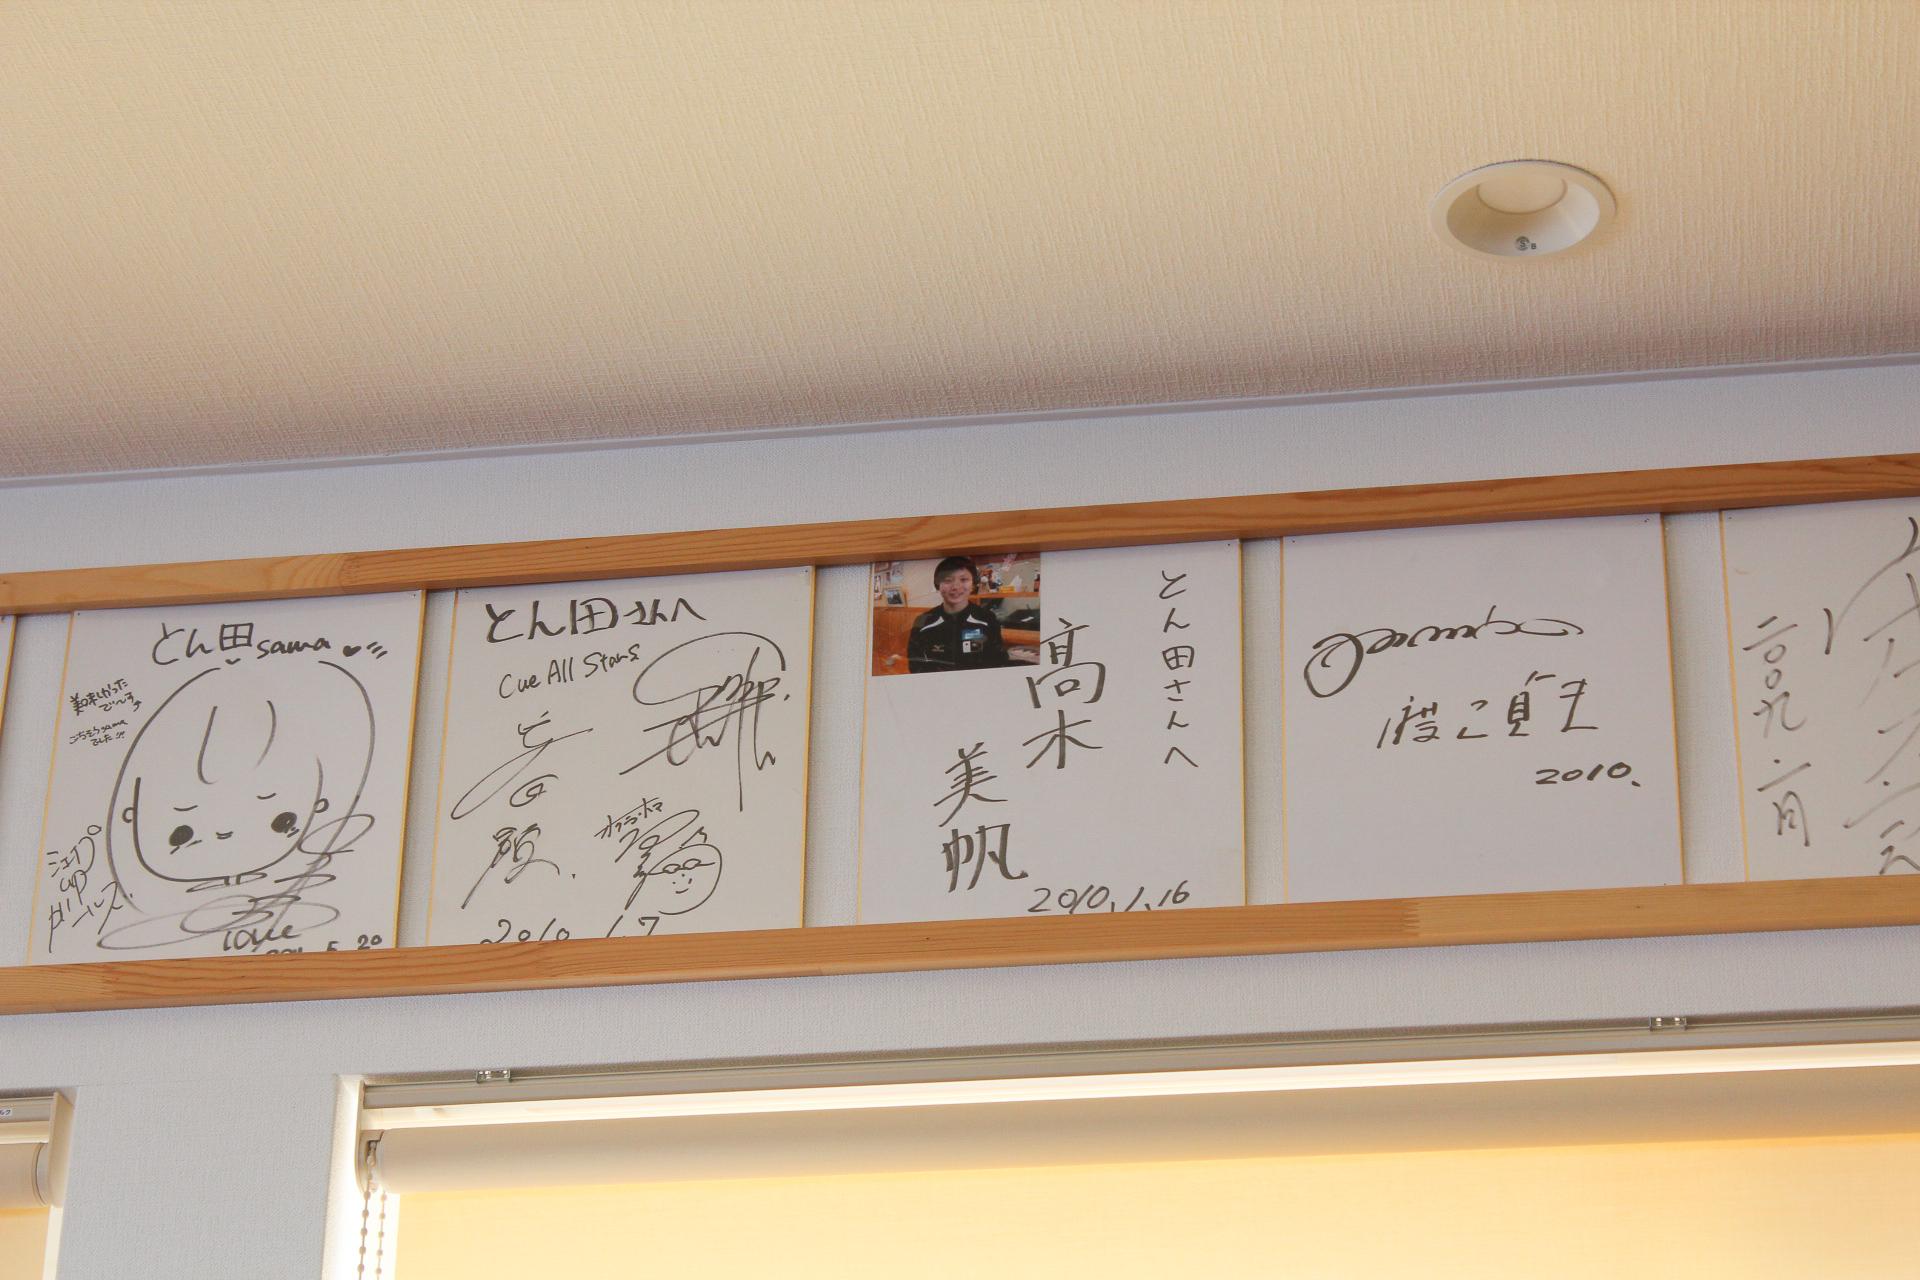 とん田にはスピードスケート高木美帆さんのサインも